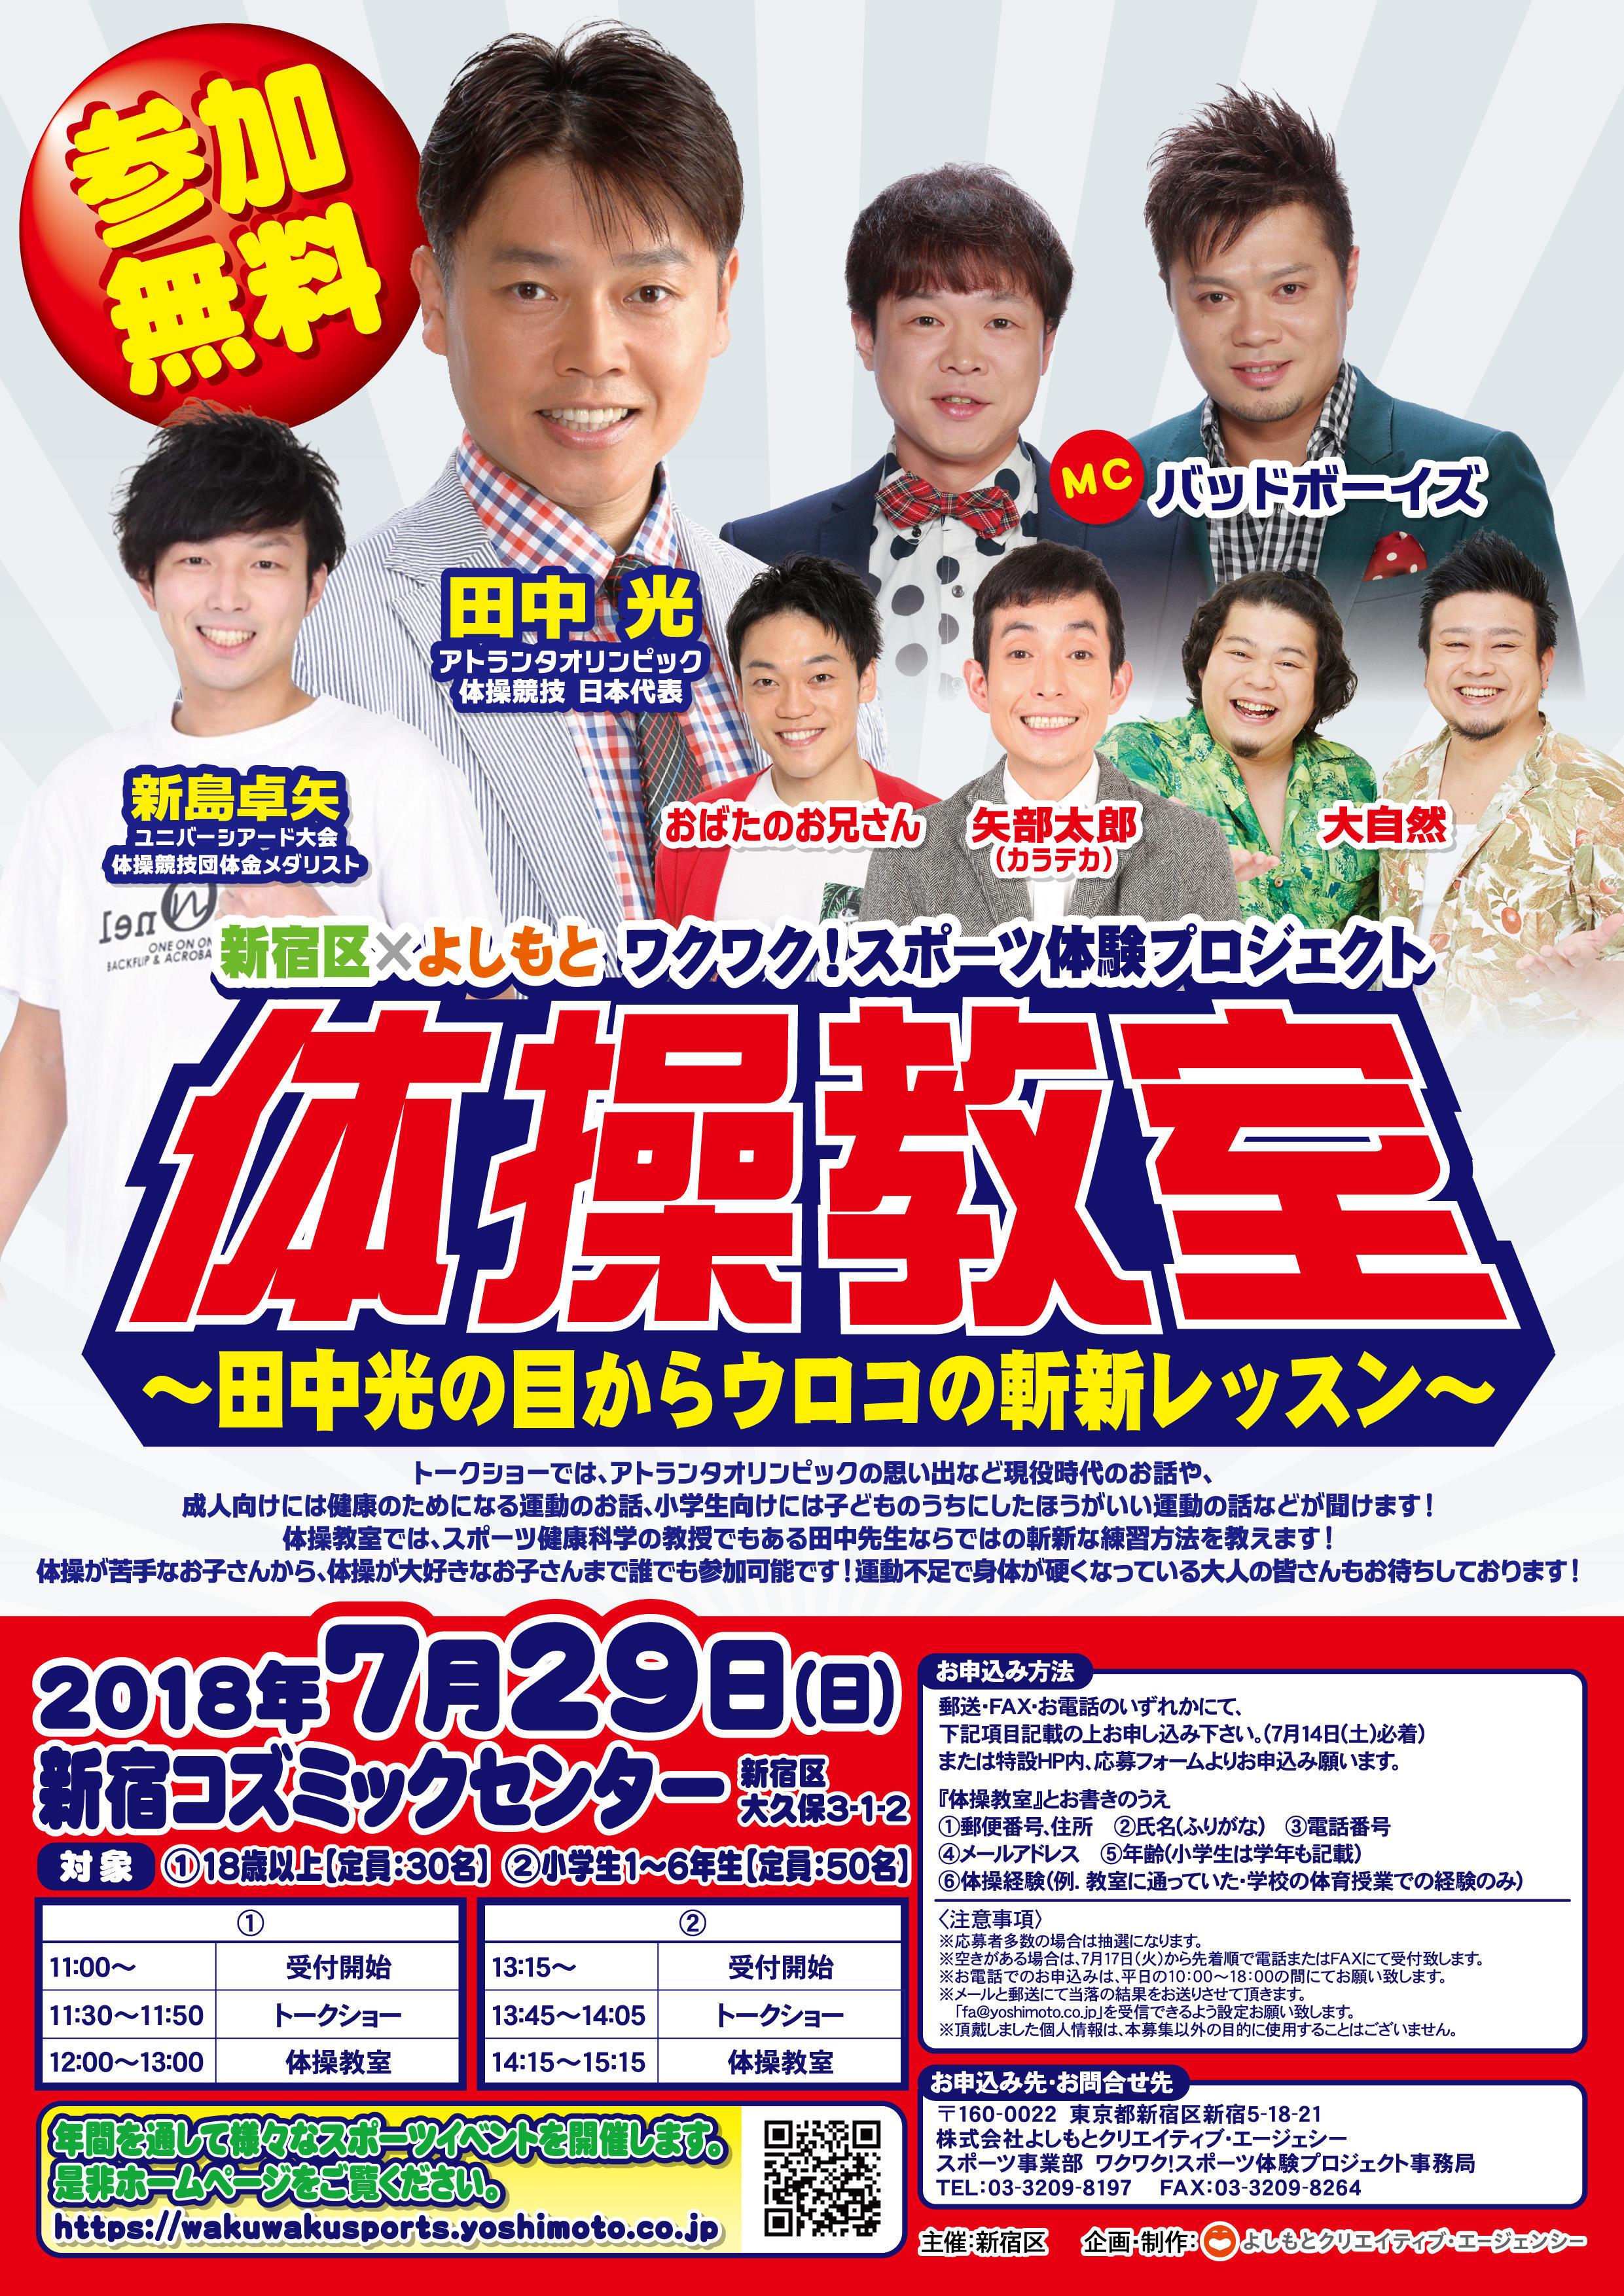 http://news.yoshimoto.co.jp/20180606155211-3a85ceded3913d4408958e4e6763a6e34098c85c.jpg